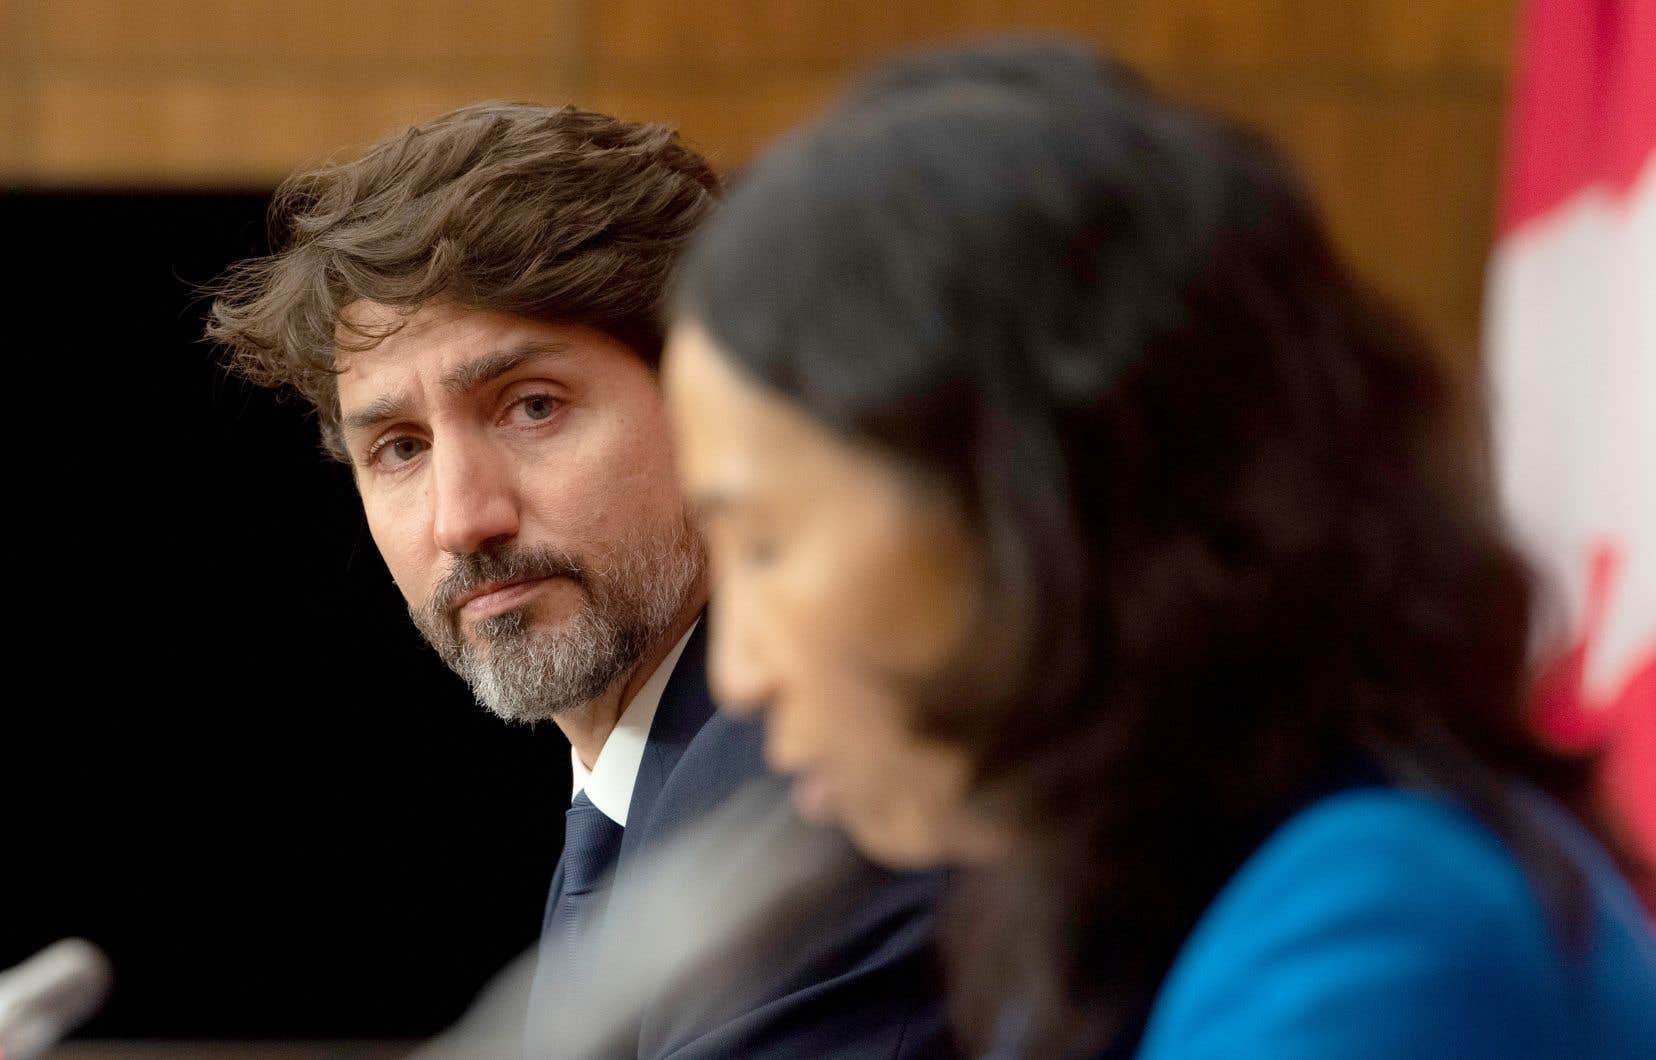 Le premier ministre Justin Trudeau, accompagné de l'administratrice en chef de la santé publique du Canada,Theresa Tam, en conférence de presse lundi à Ottawa